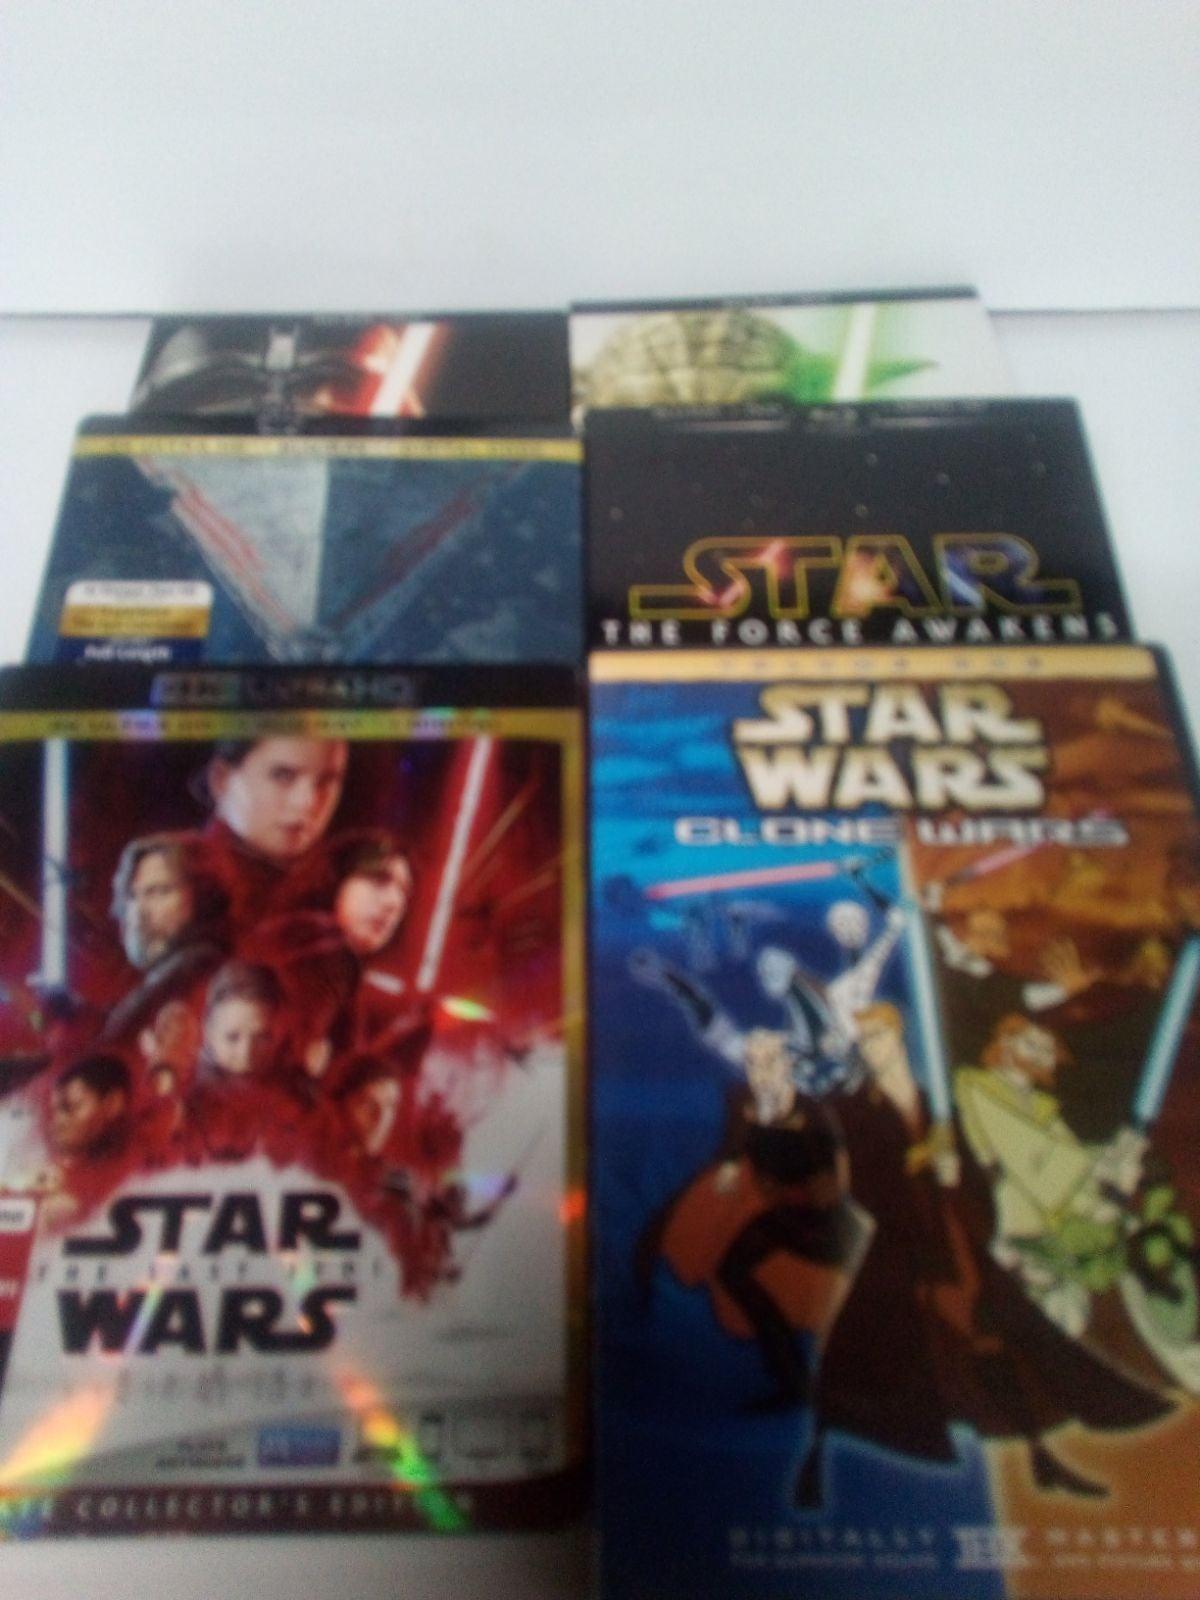 Star Wars 1-9 Blu Ray / DVD Lot